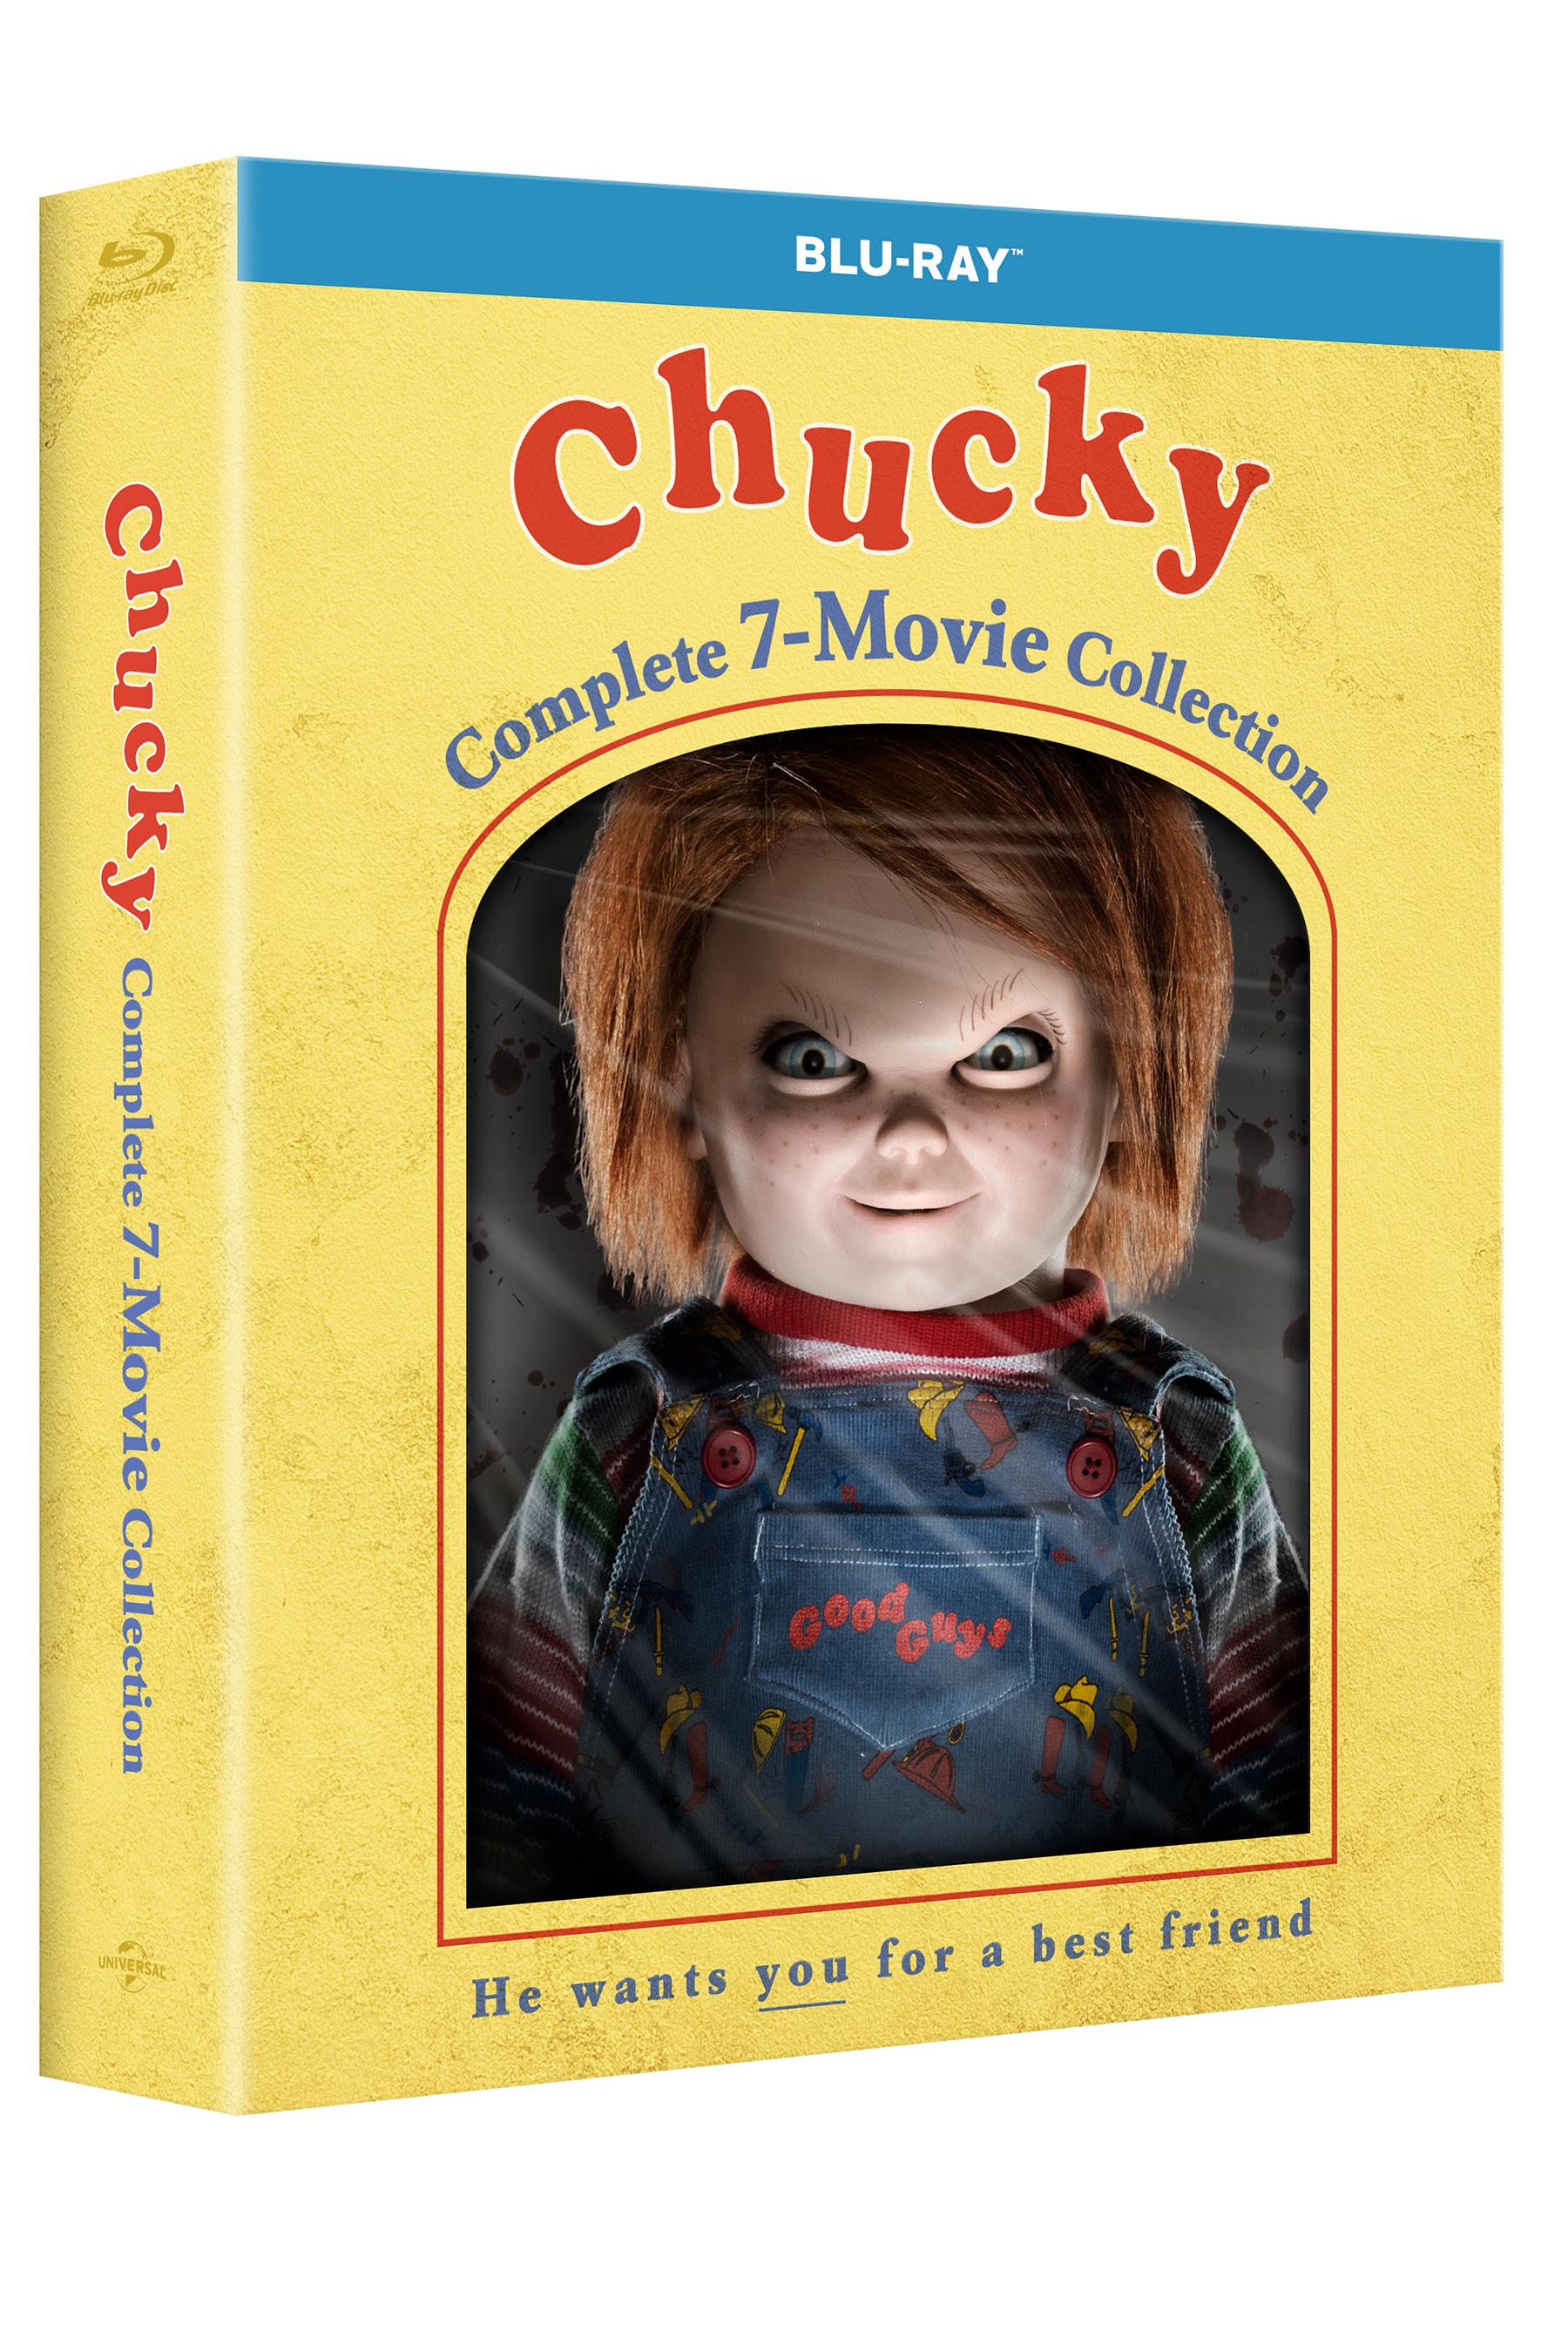 Chucky 7 release date in Perth